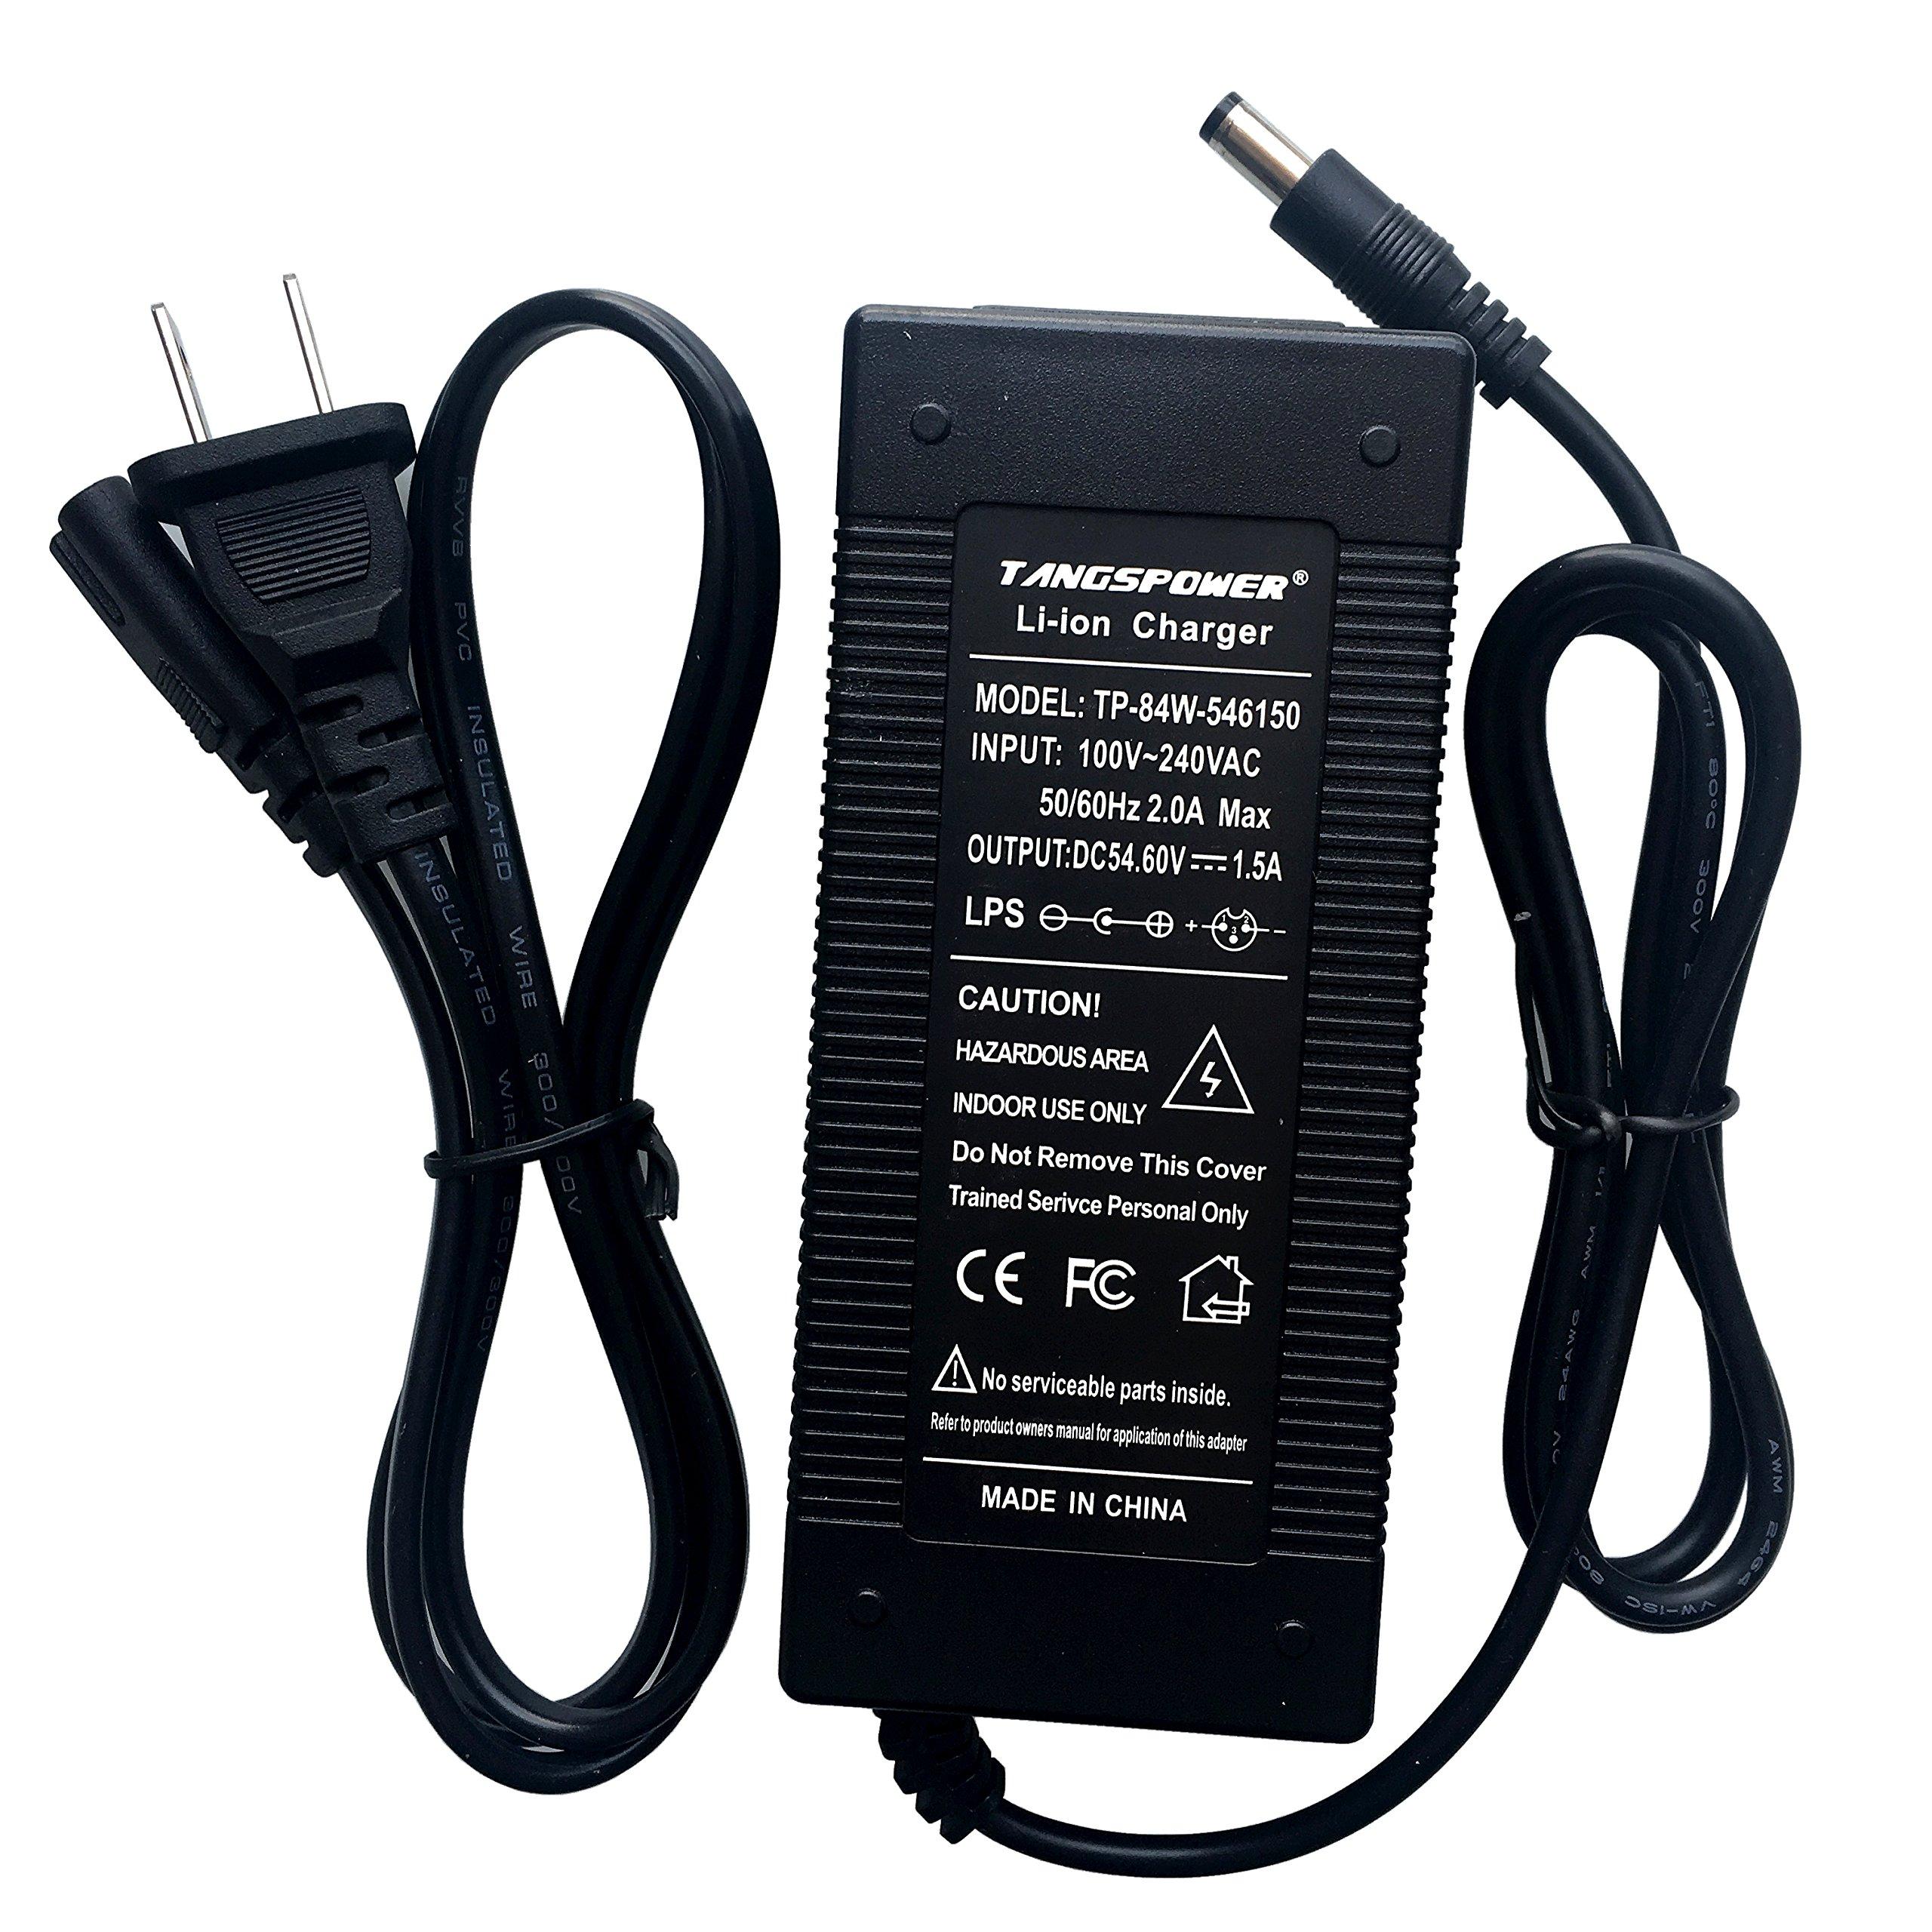 48V Battery Charger Output 54.6V1.5A for Ebike Electric Scooter Lithium Batteries Pack 54.6V 46.8v DC Plug